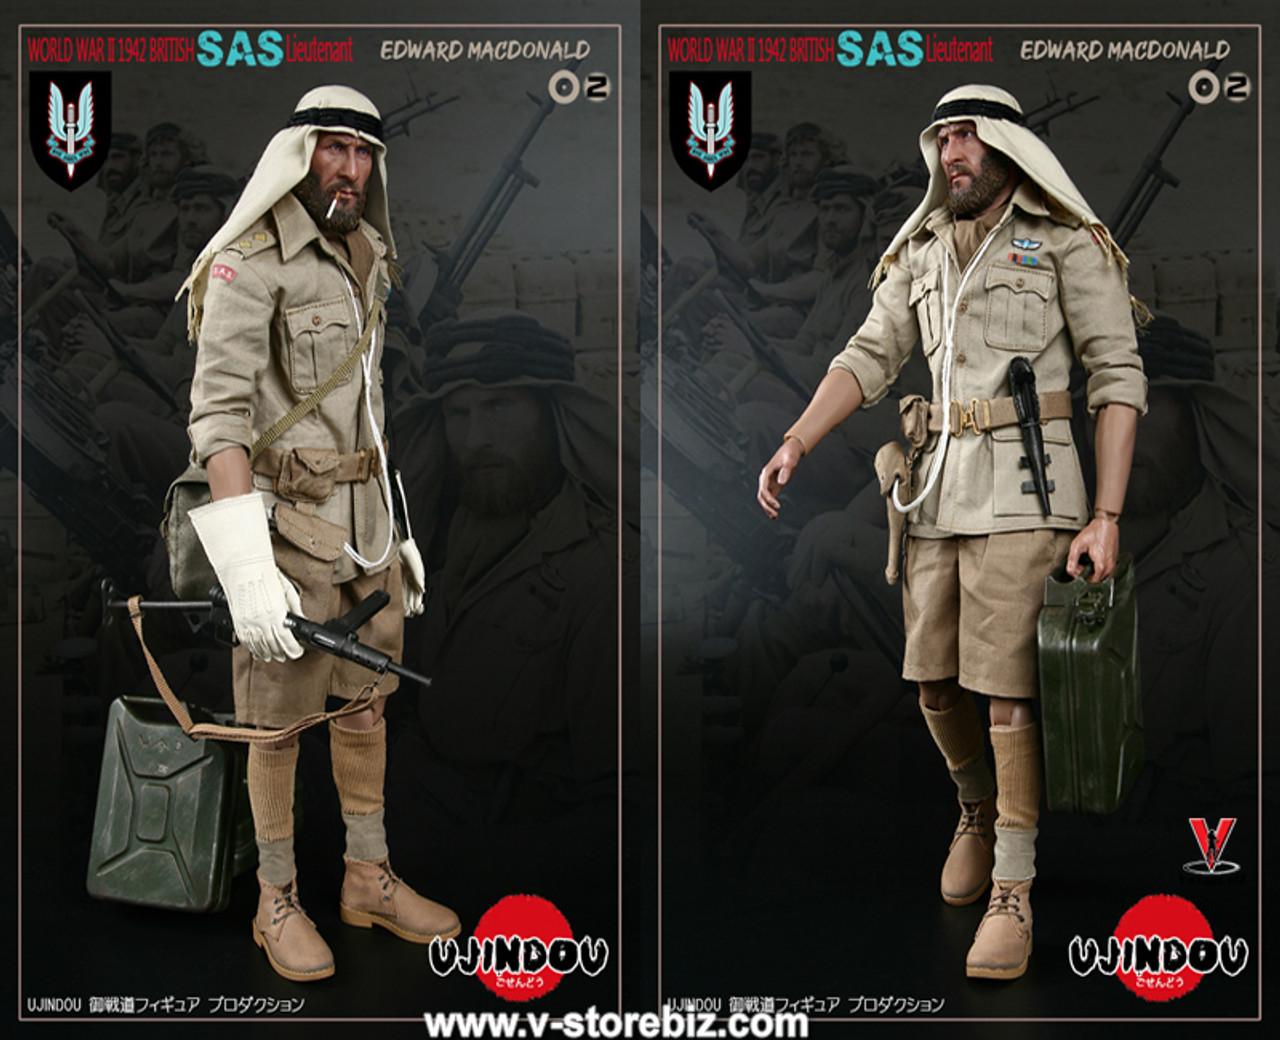 UJINDOU U9002 1//6 WWII British SAS Lieutenant EDWARD MACDONALD Scarf Model